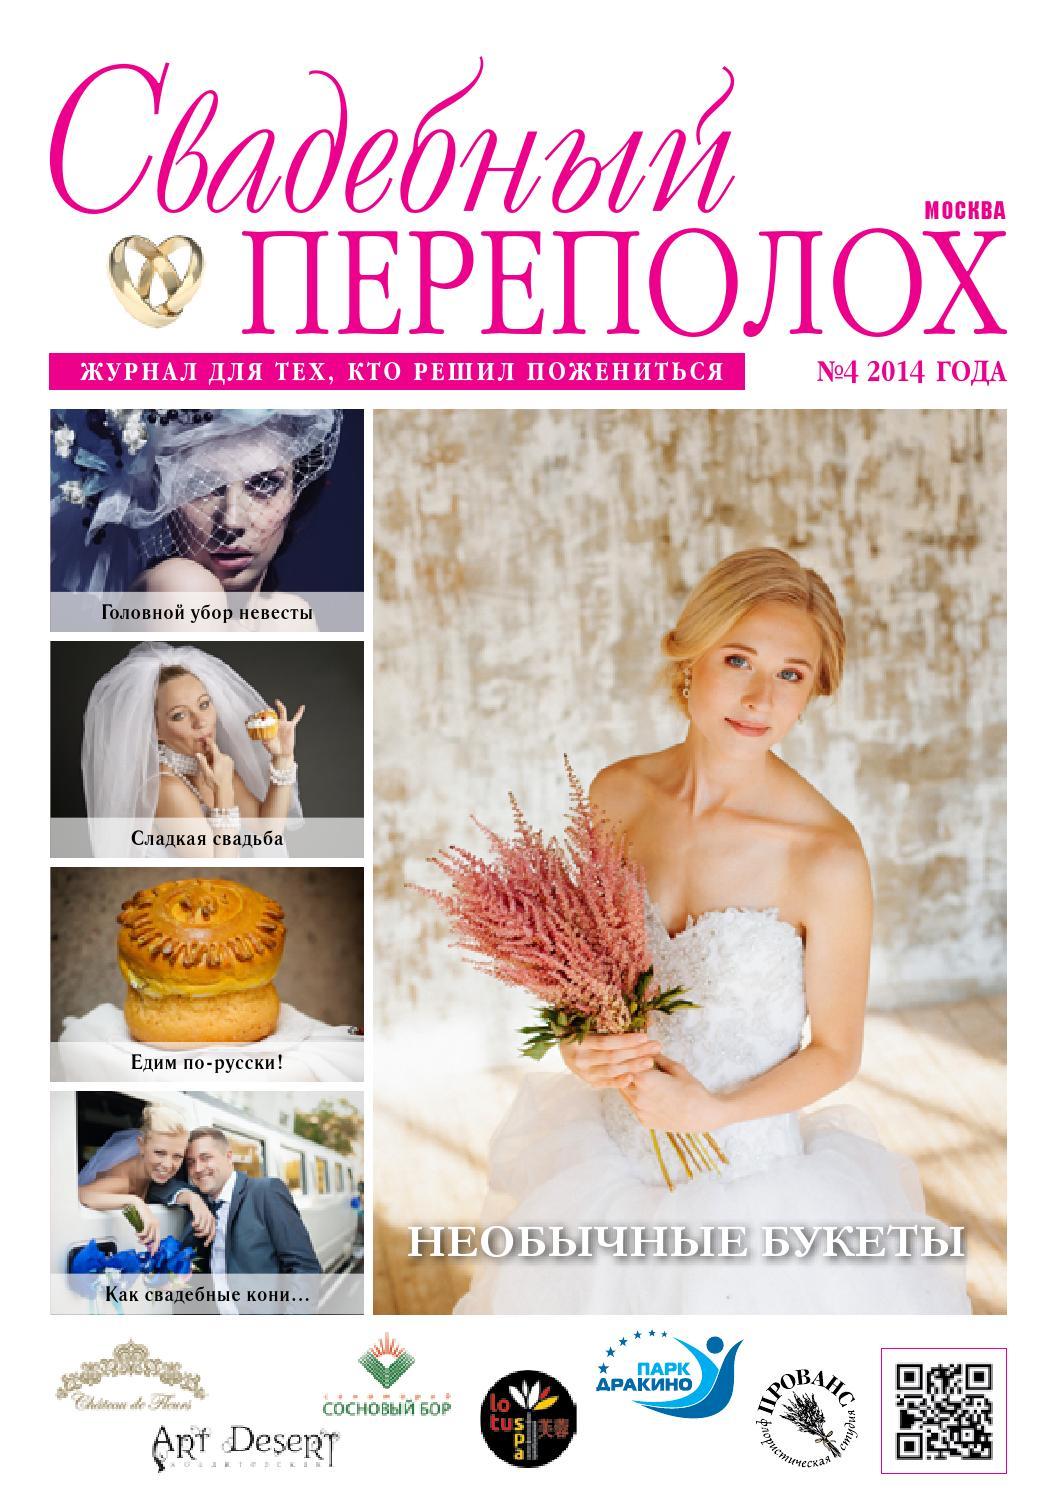 Русское порно свадебный переполох 18 фотография